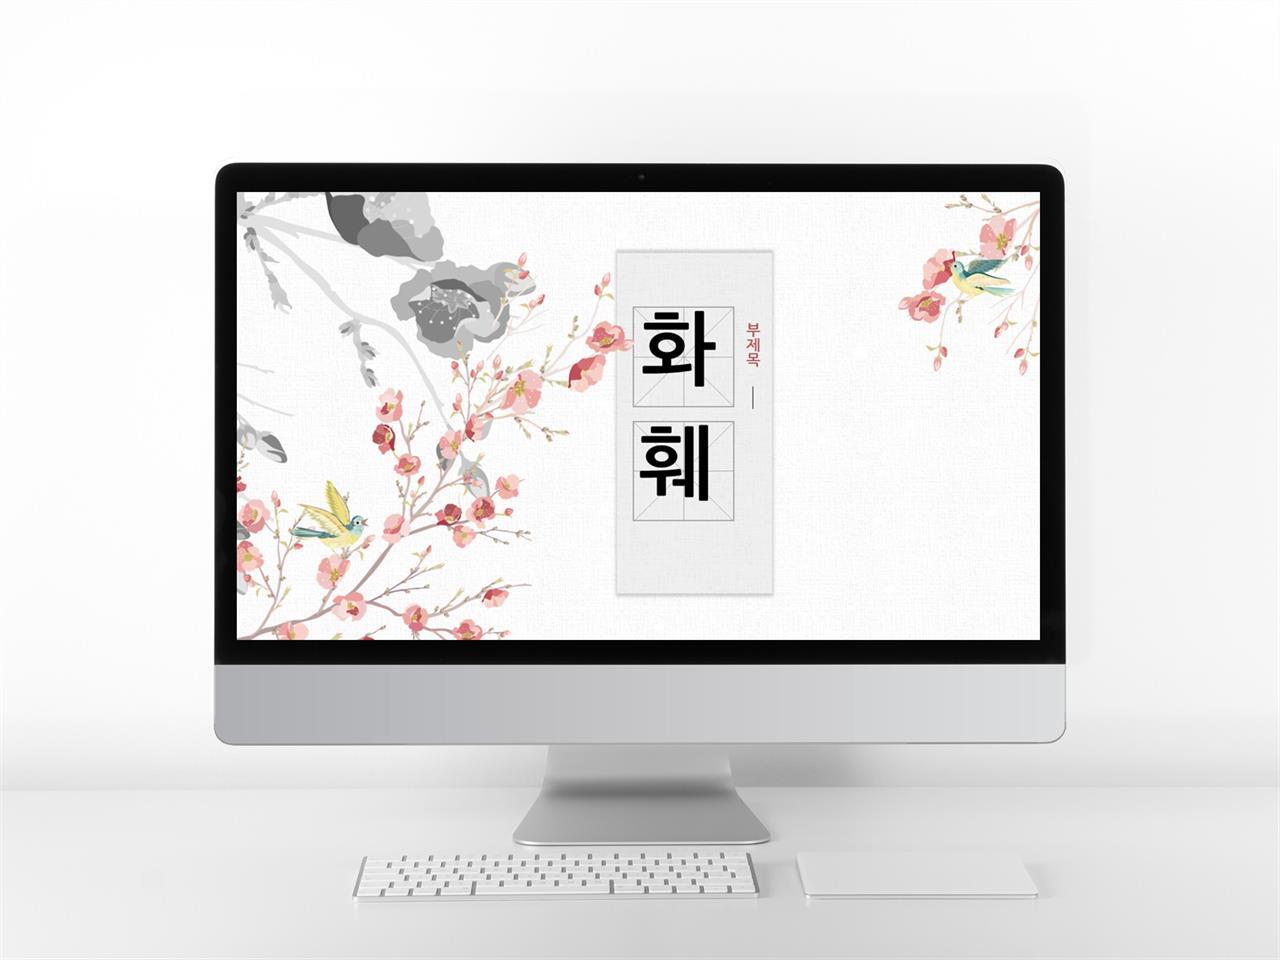 꽃과 동식물 주제 분홍색 잉크느낌 고급스럽운 POWERPOINT배경 사이트 미리보기